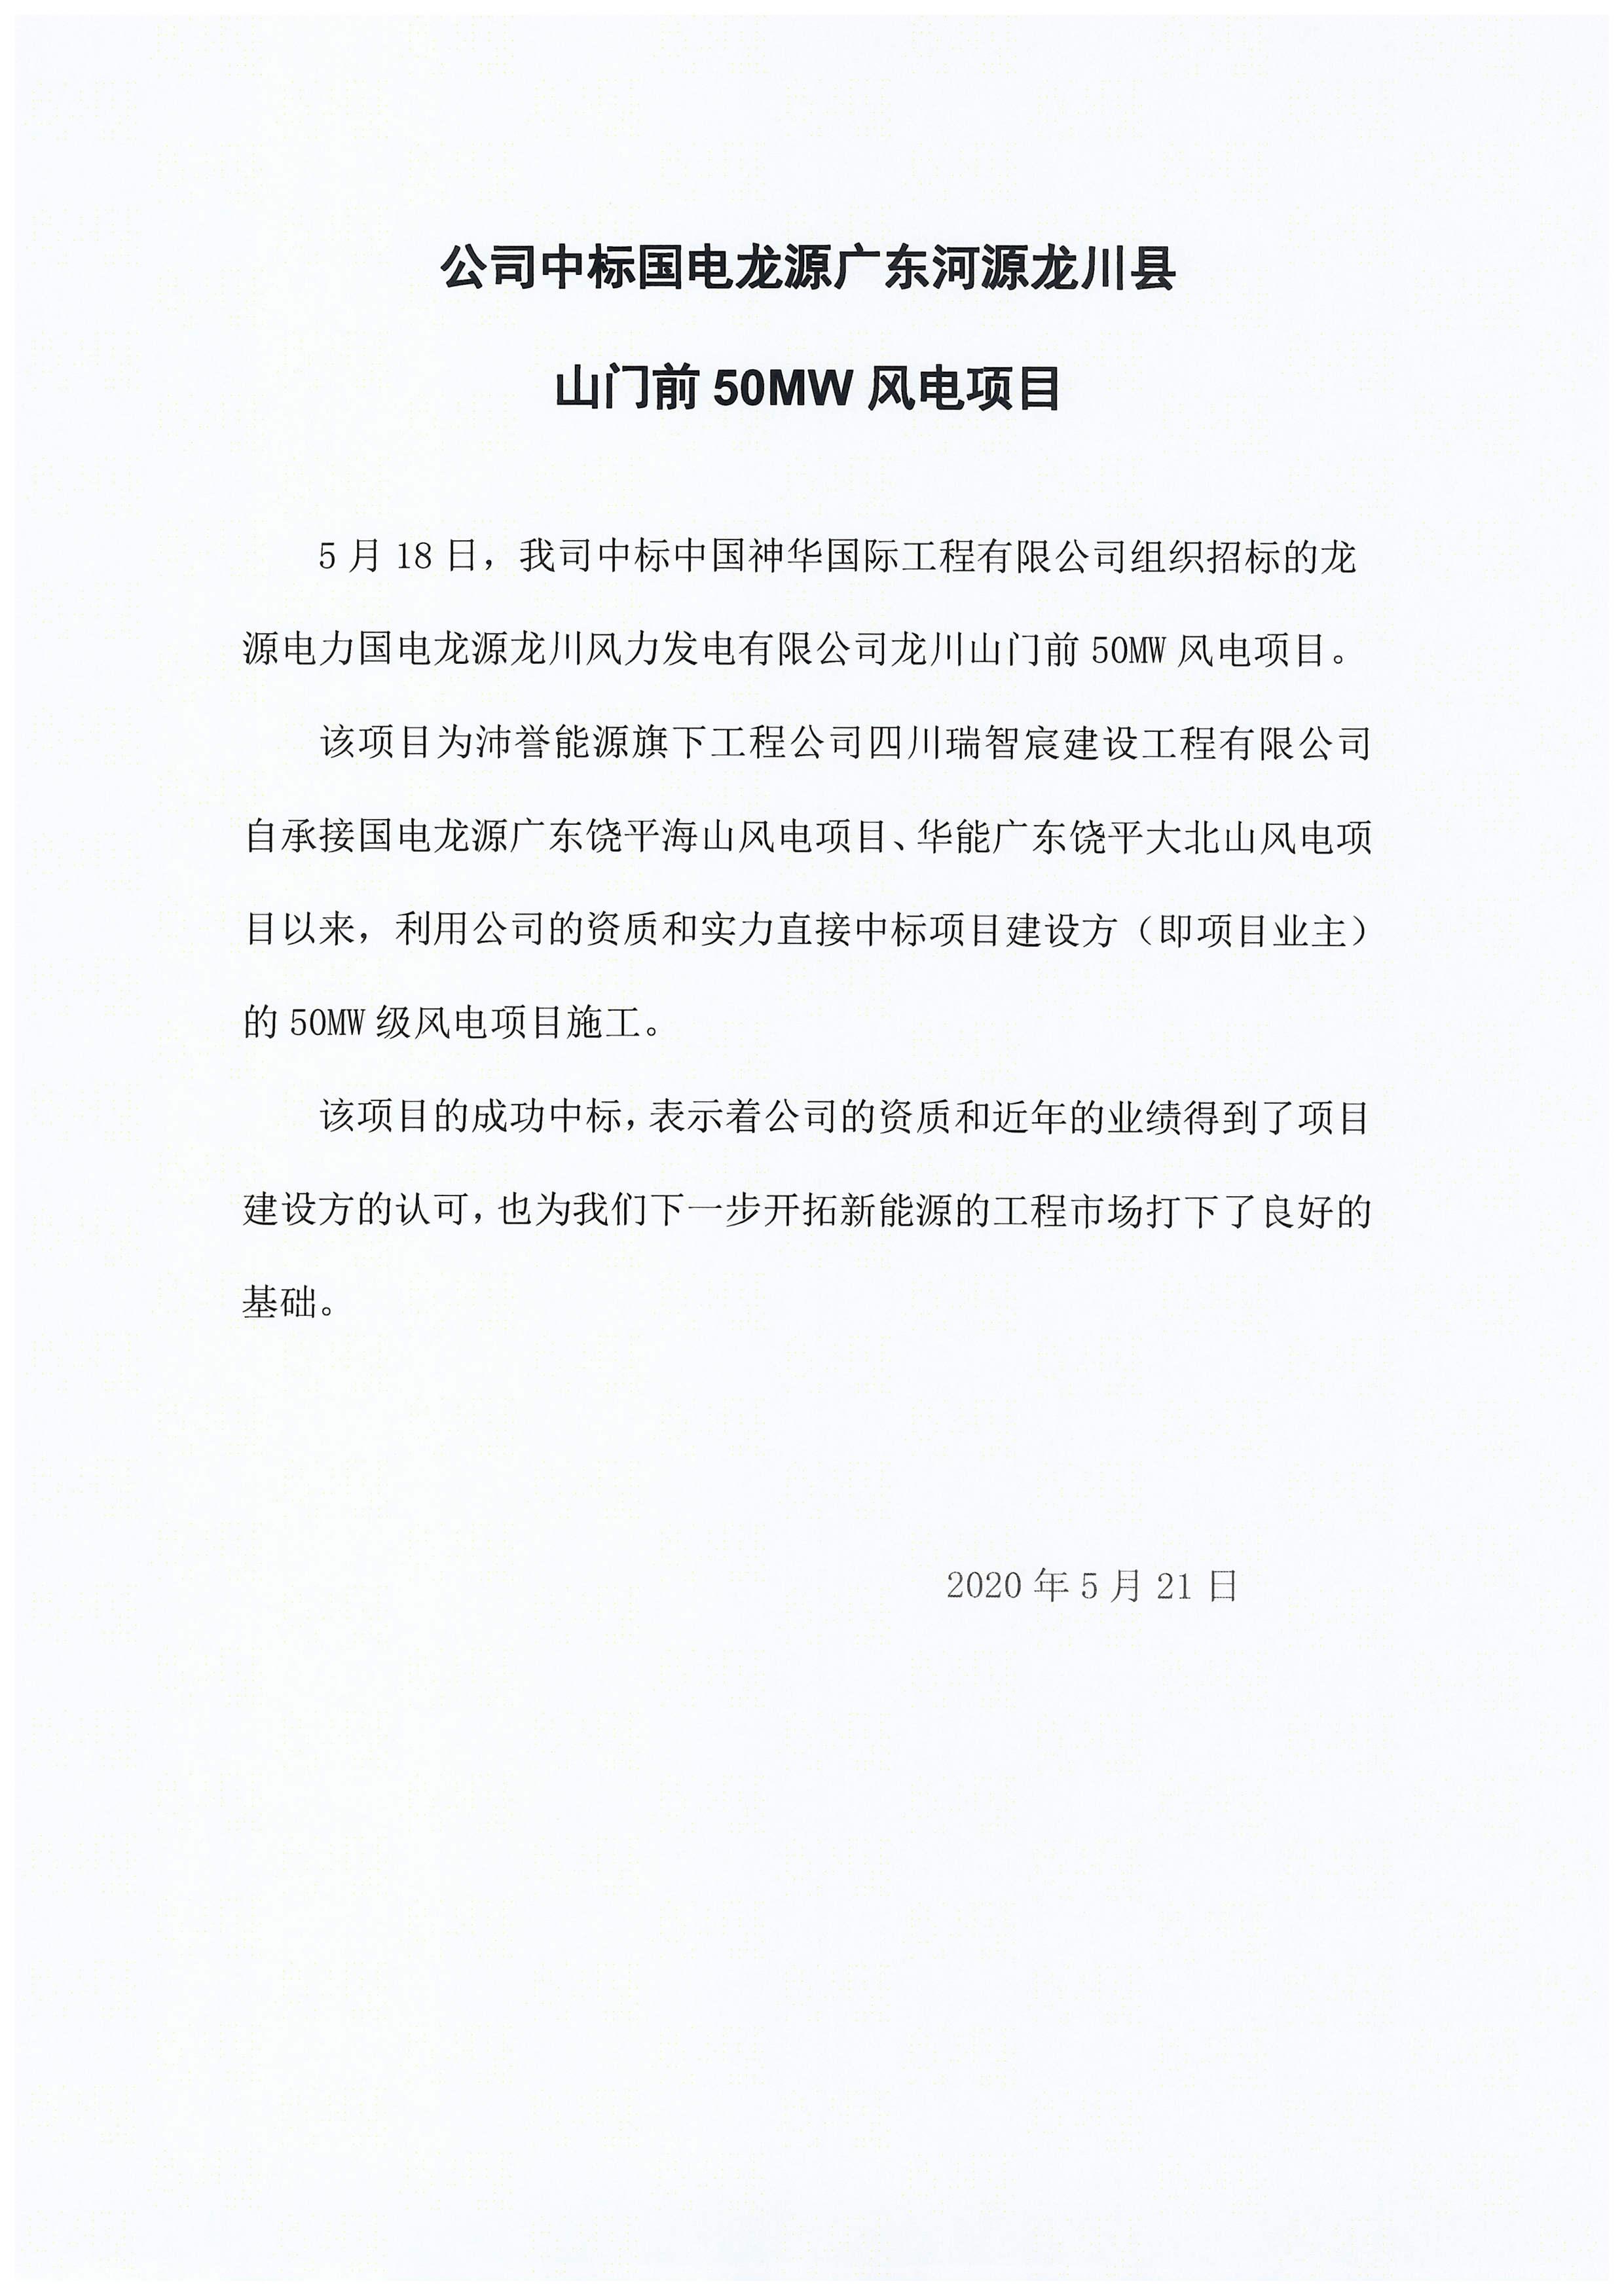 公司中标国电龙源广东河源龙川县 山门前50MW风电项目